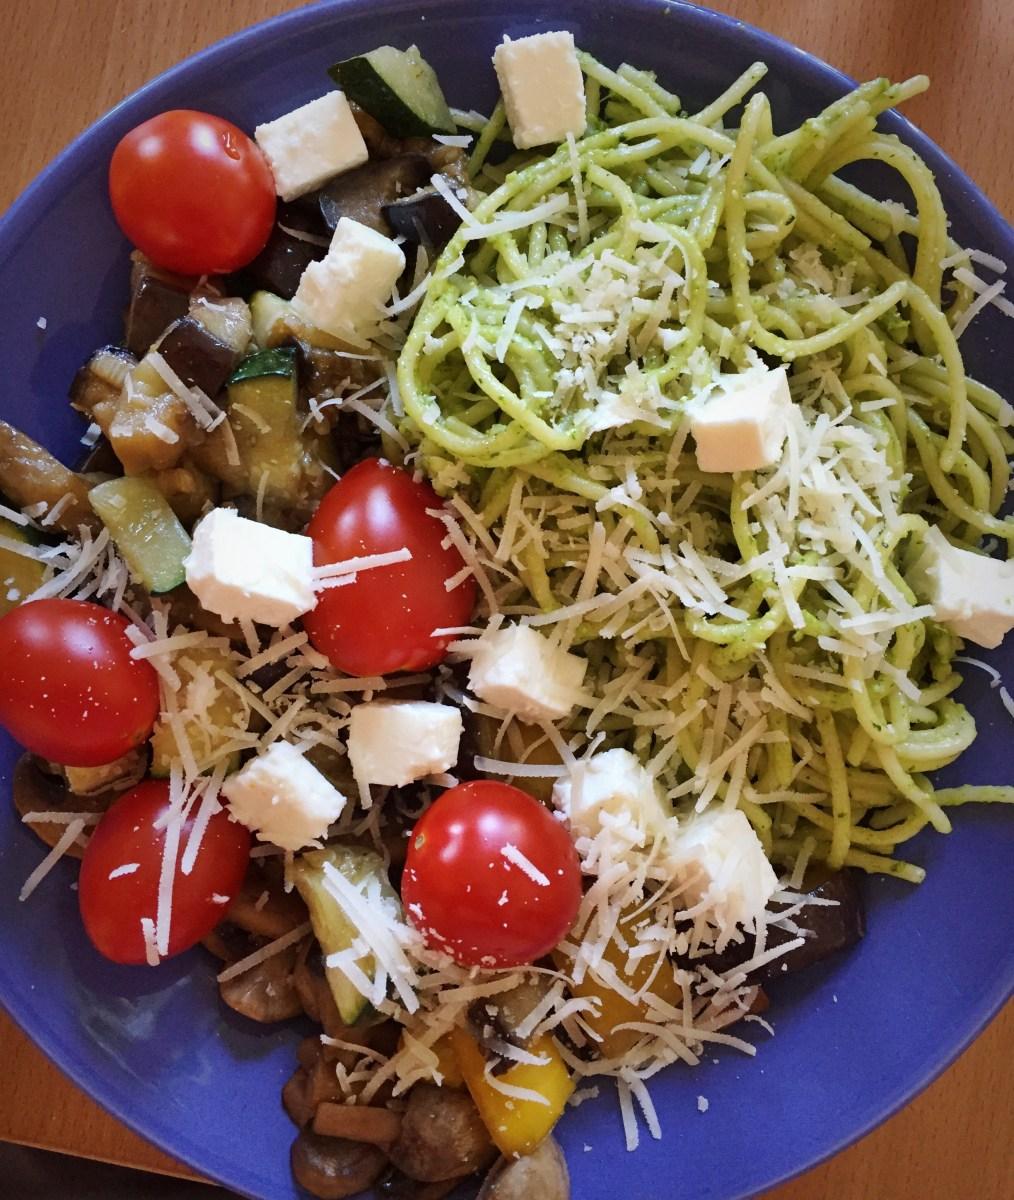 Veckans vegetariska: Pestopasta med frästa grönsaker och fetaost